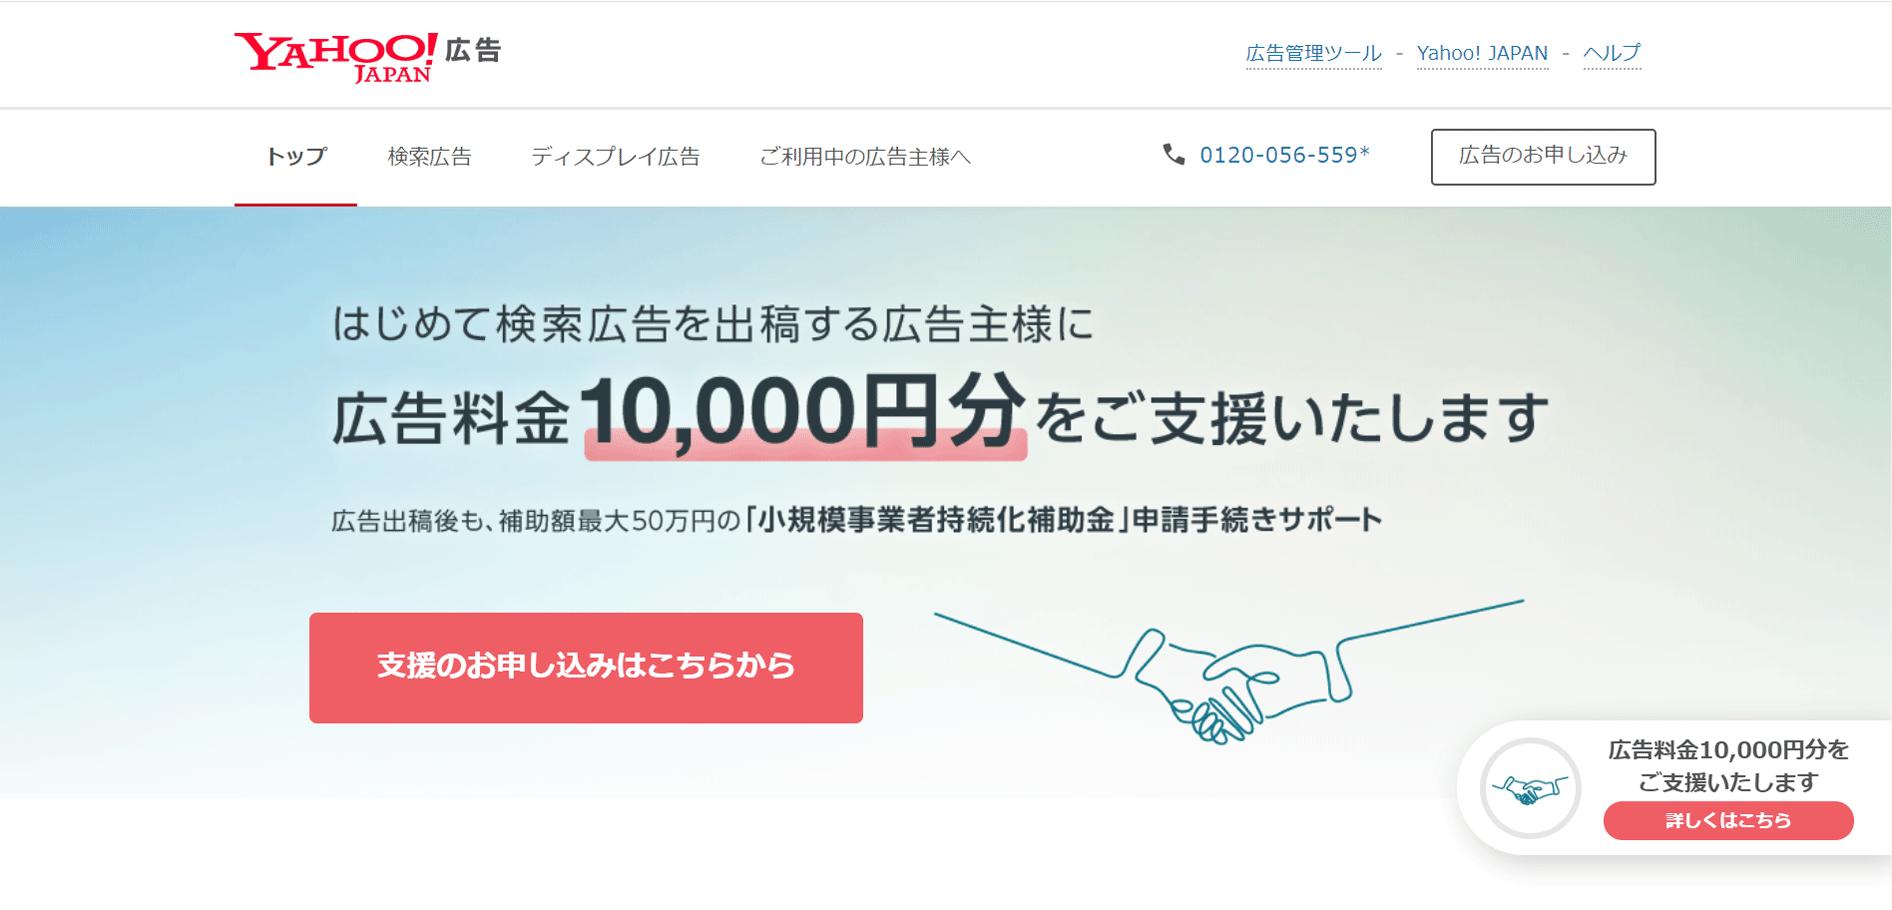 ヤフー株式会社「Yahoo!広告」のスクリーンショット